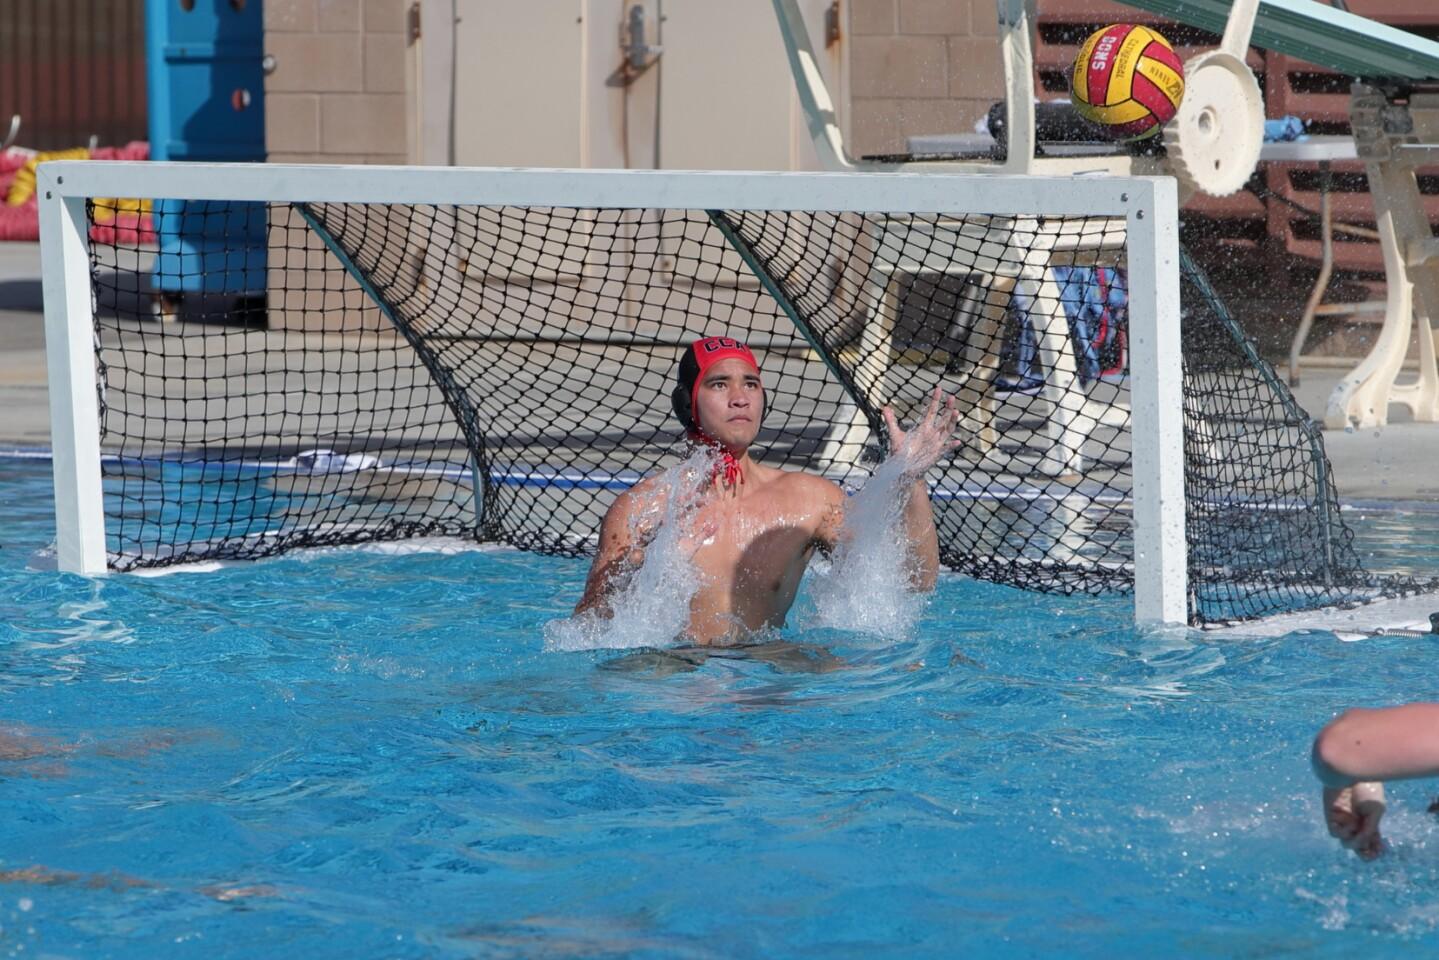 CCA goalie Simeon Dong